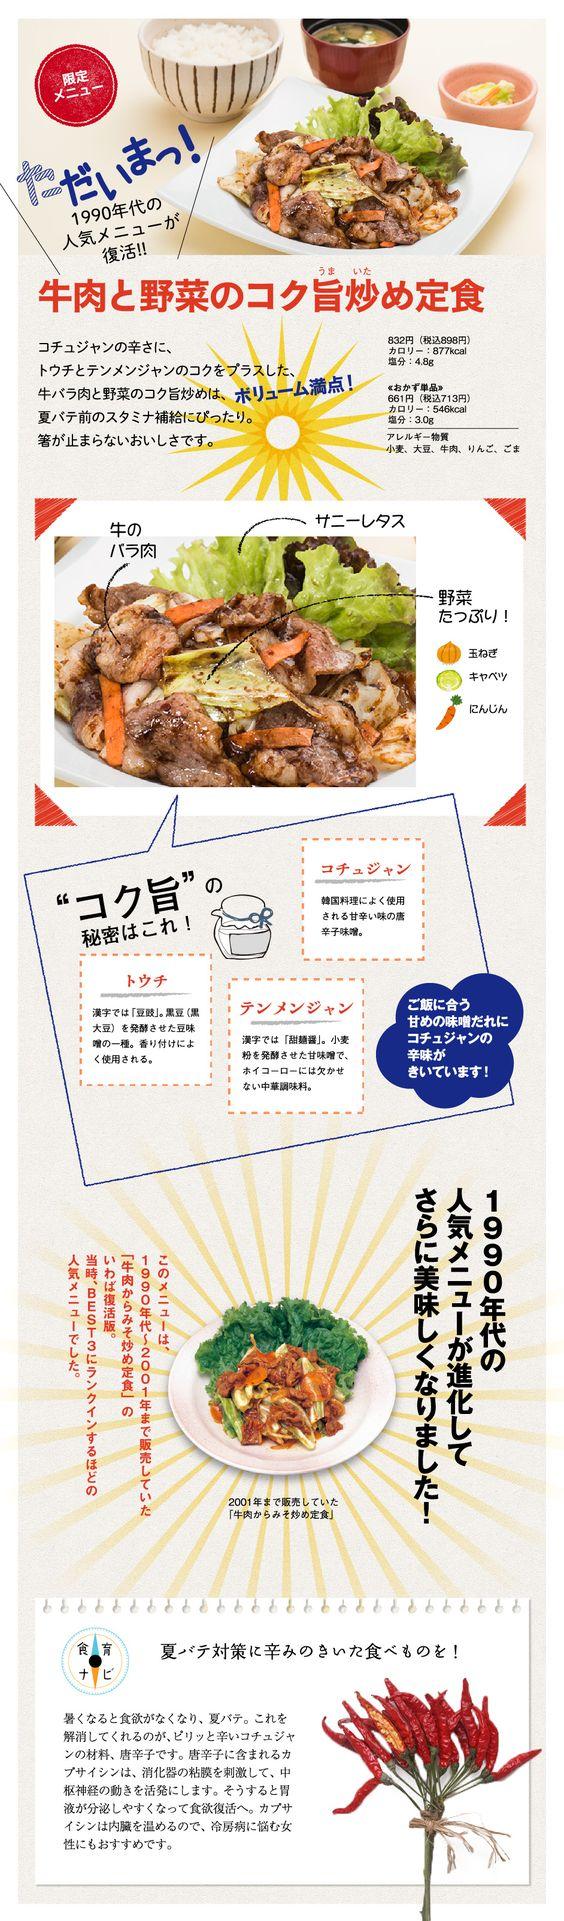 牛肉と野菜のコク旨炒め定食|大戸屋